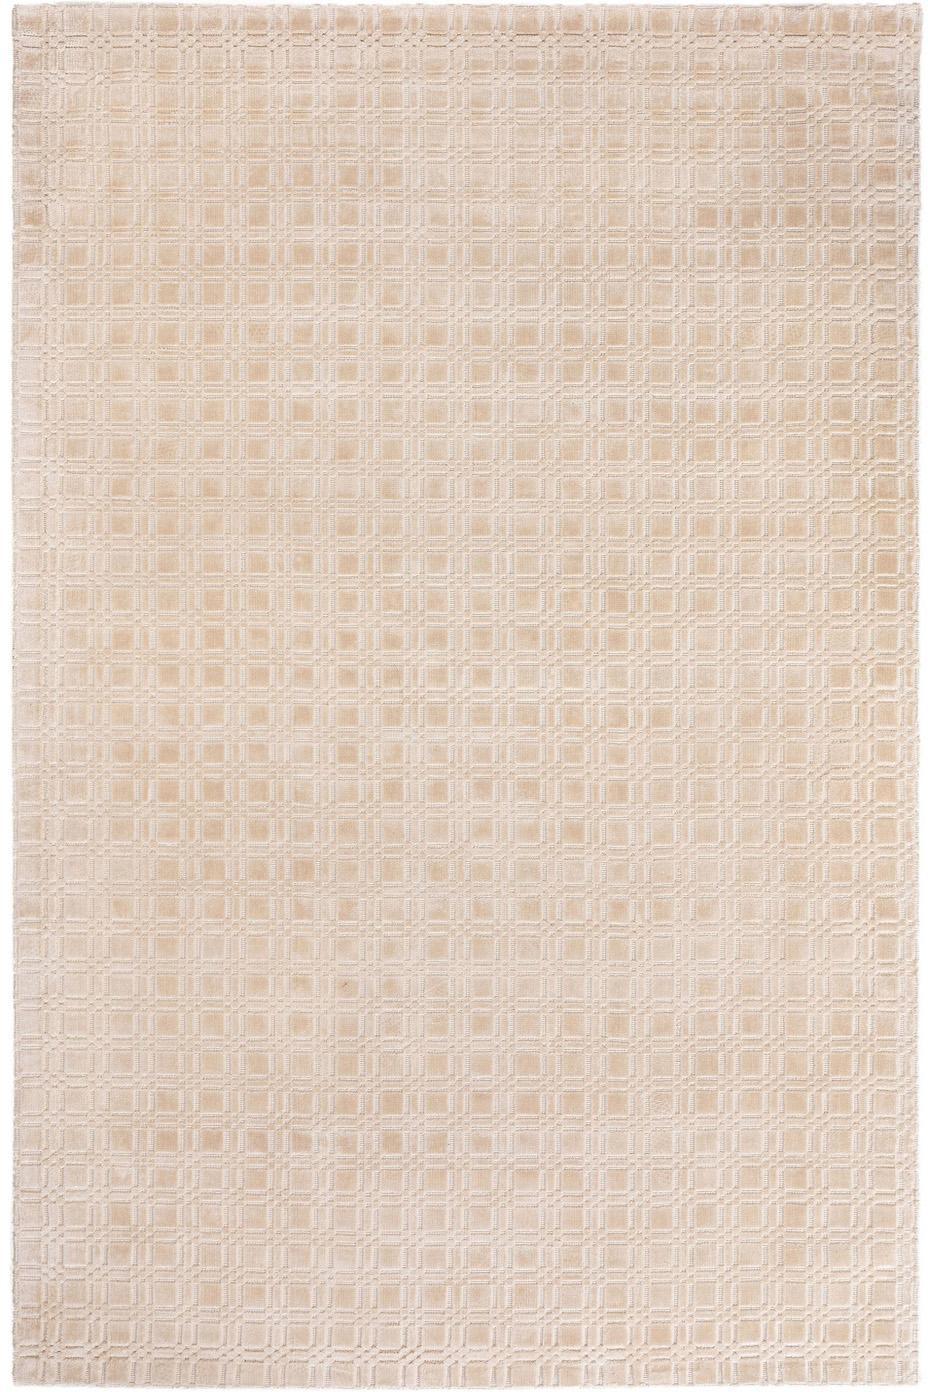 Handgewebter Viskoseteppich Nelson mit Wabenstruktur, flauschig glänzend, 100% Viskose, Cream, B 200 x L 300 cm (Größe L)